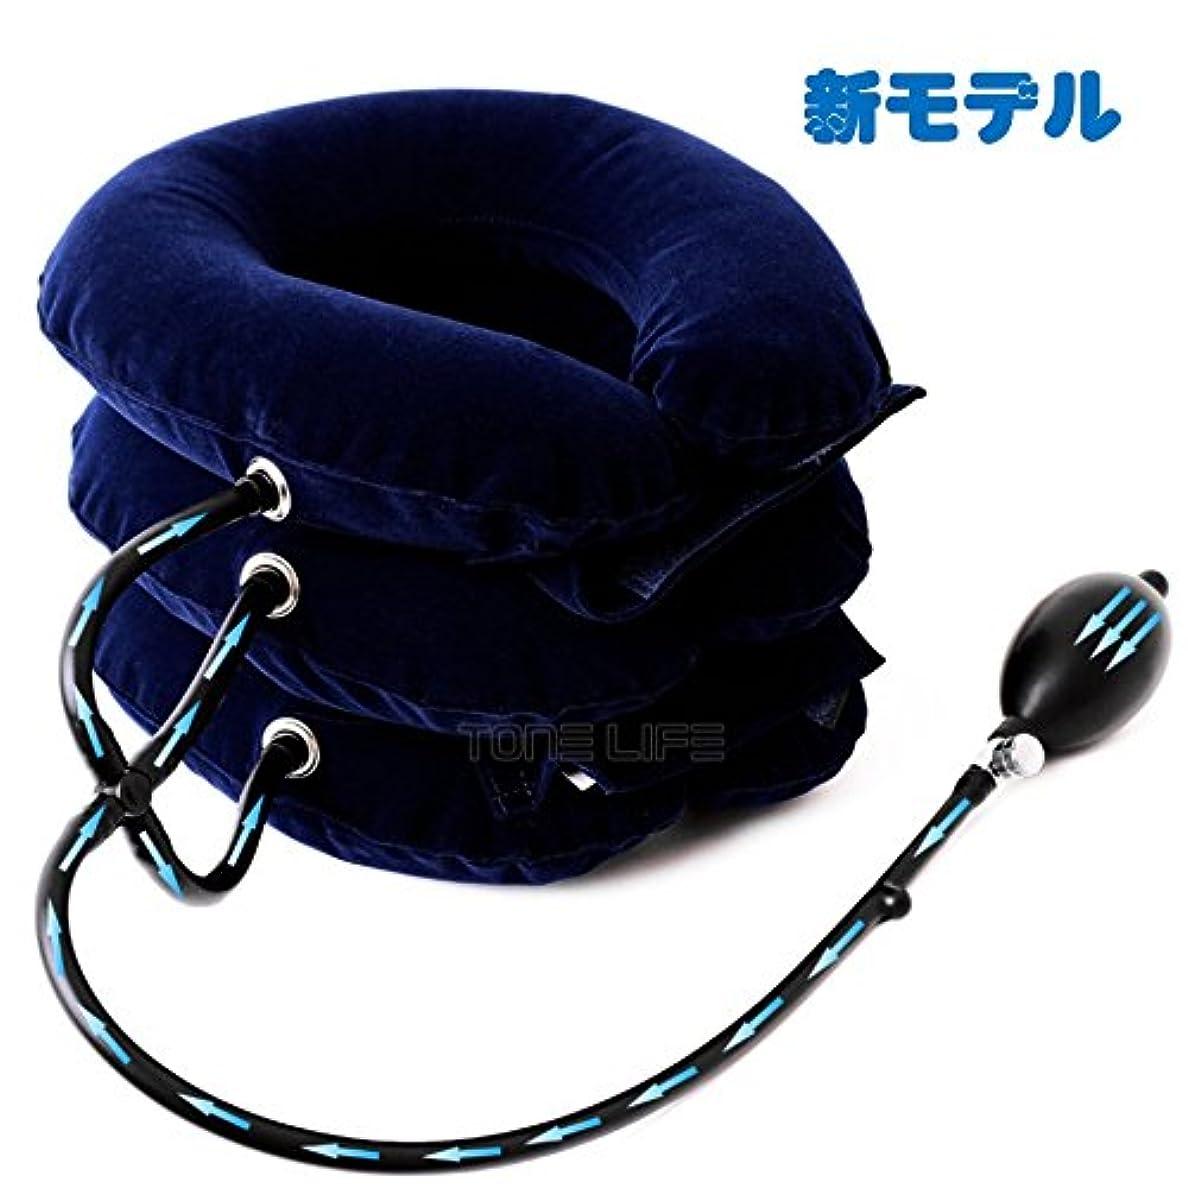 余暇リンス試用TONELIFE 3つ又チューブ エアー ネックストレッチャー 頚椎カラー 軽量 首サポーター 頸椎牽引装置 三つ叉ポンプ式 説明書付き (ブルー/蓝色)